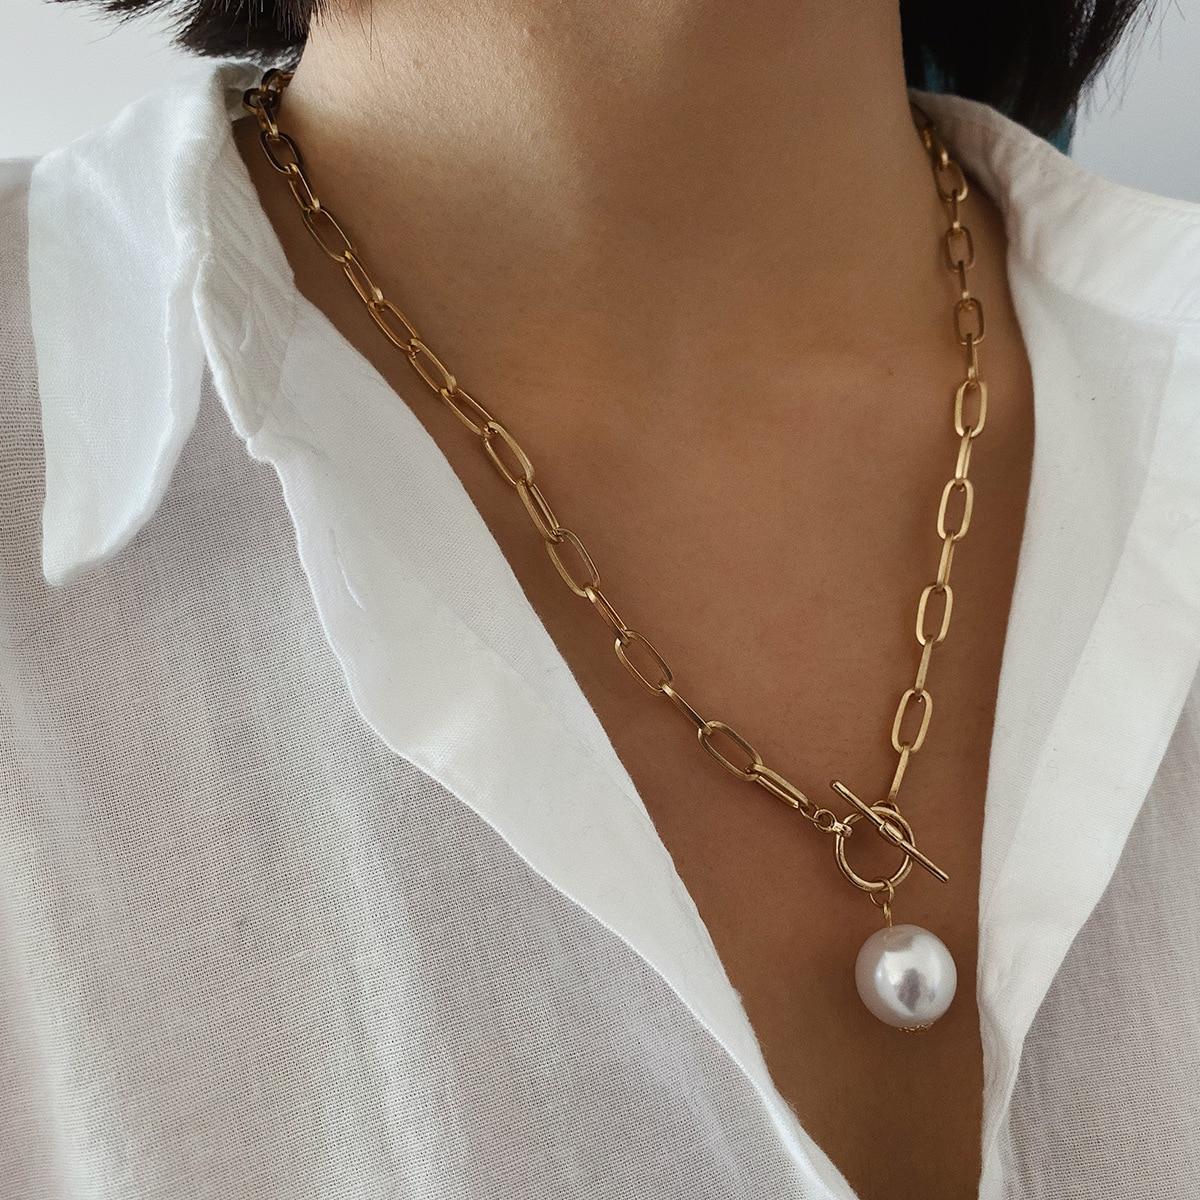 Elegant Coeur Amour Pour Femme Charme Tour de cou en acier inoxydable Femme Collier de perles